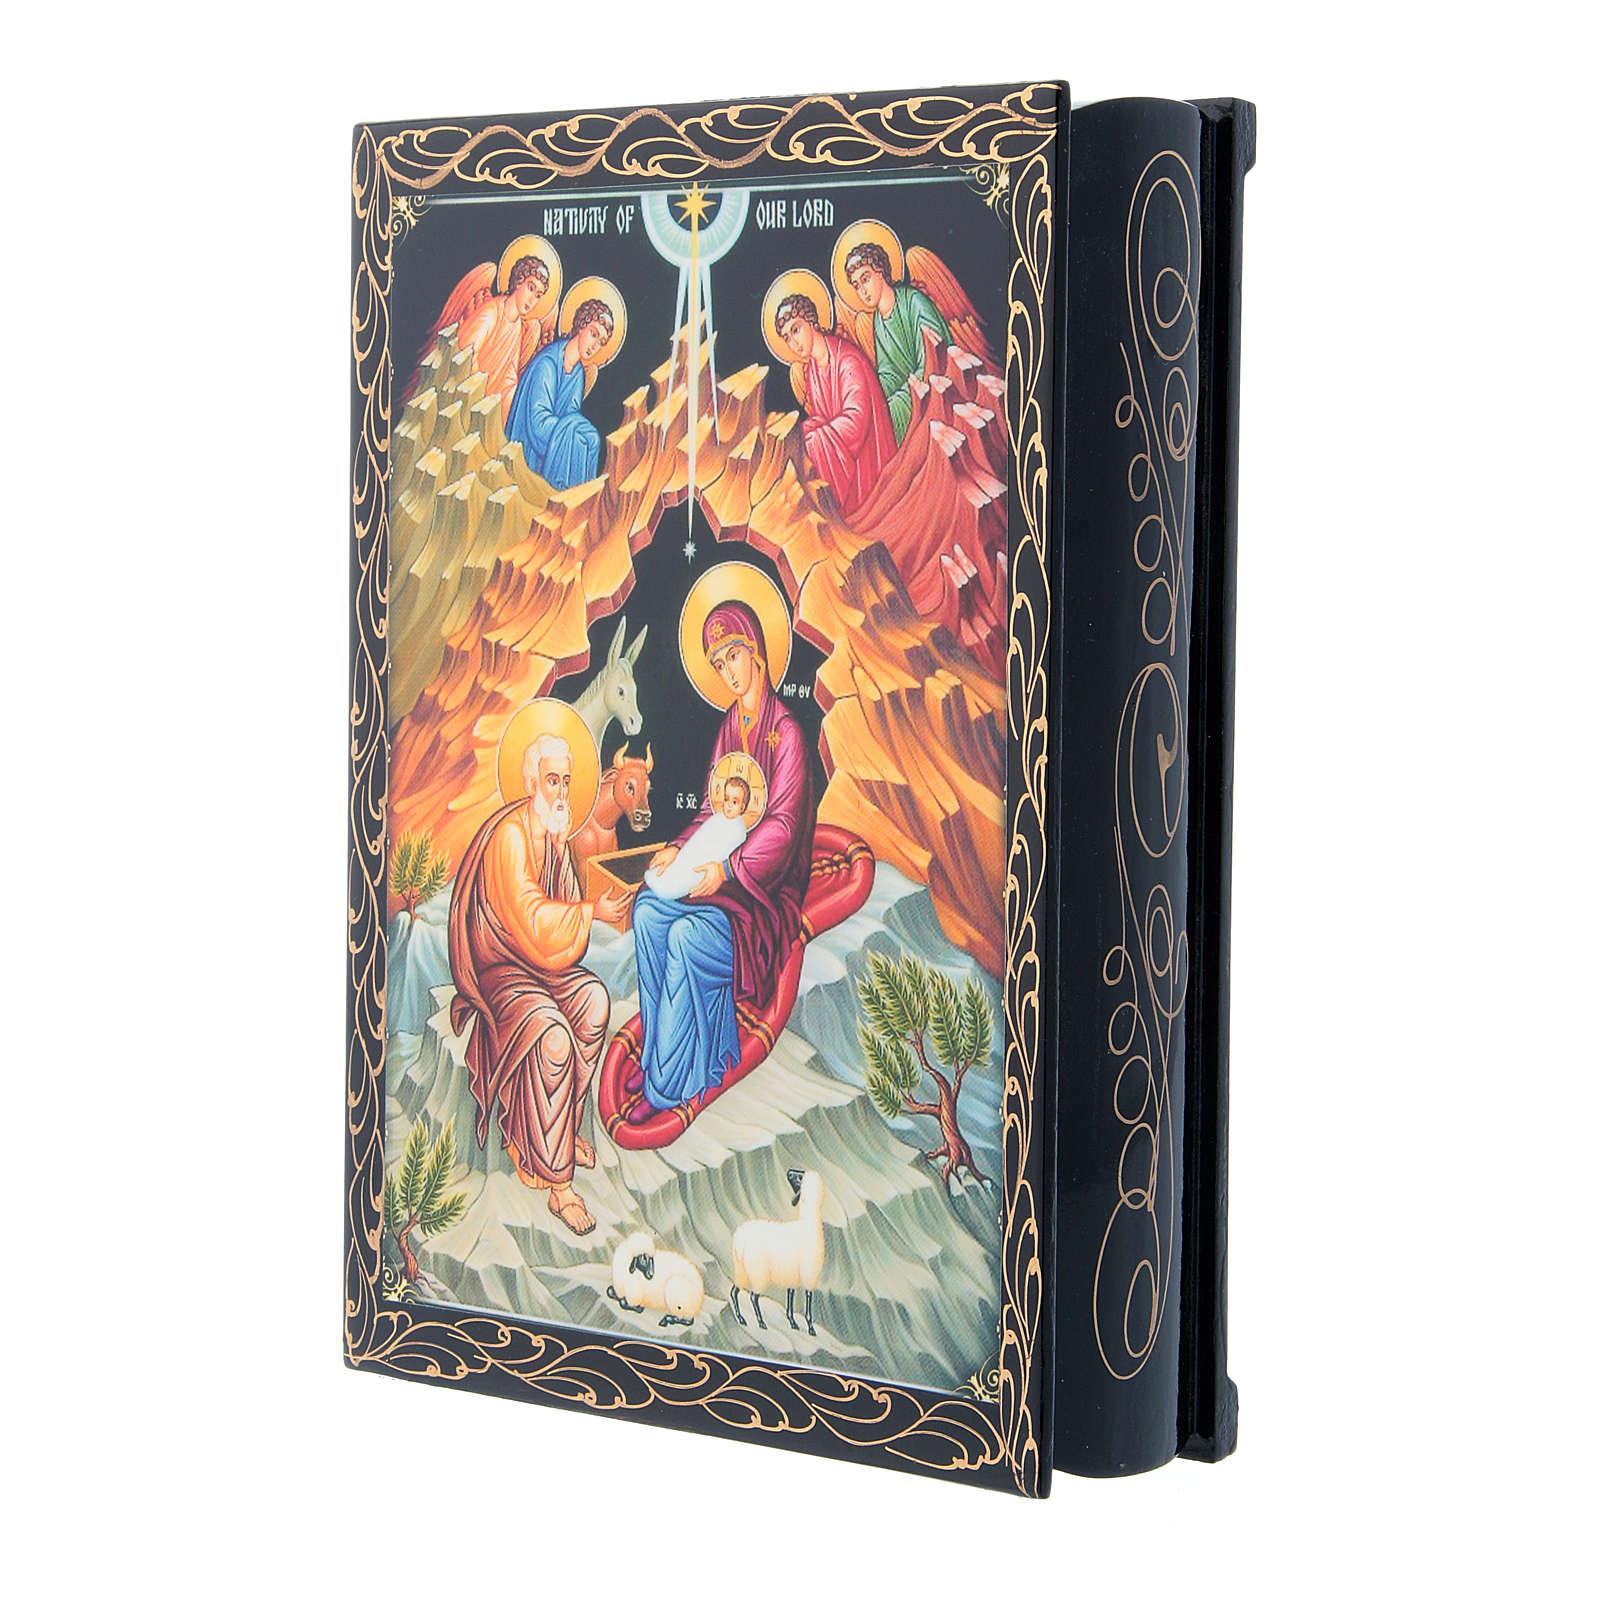 Scatola russa decorata cartapesta La Nascita di Gesù Cristo 22X16 cm 4